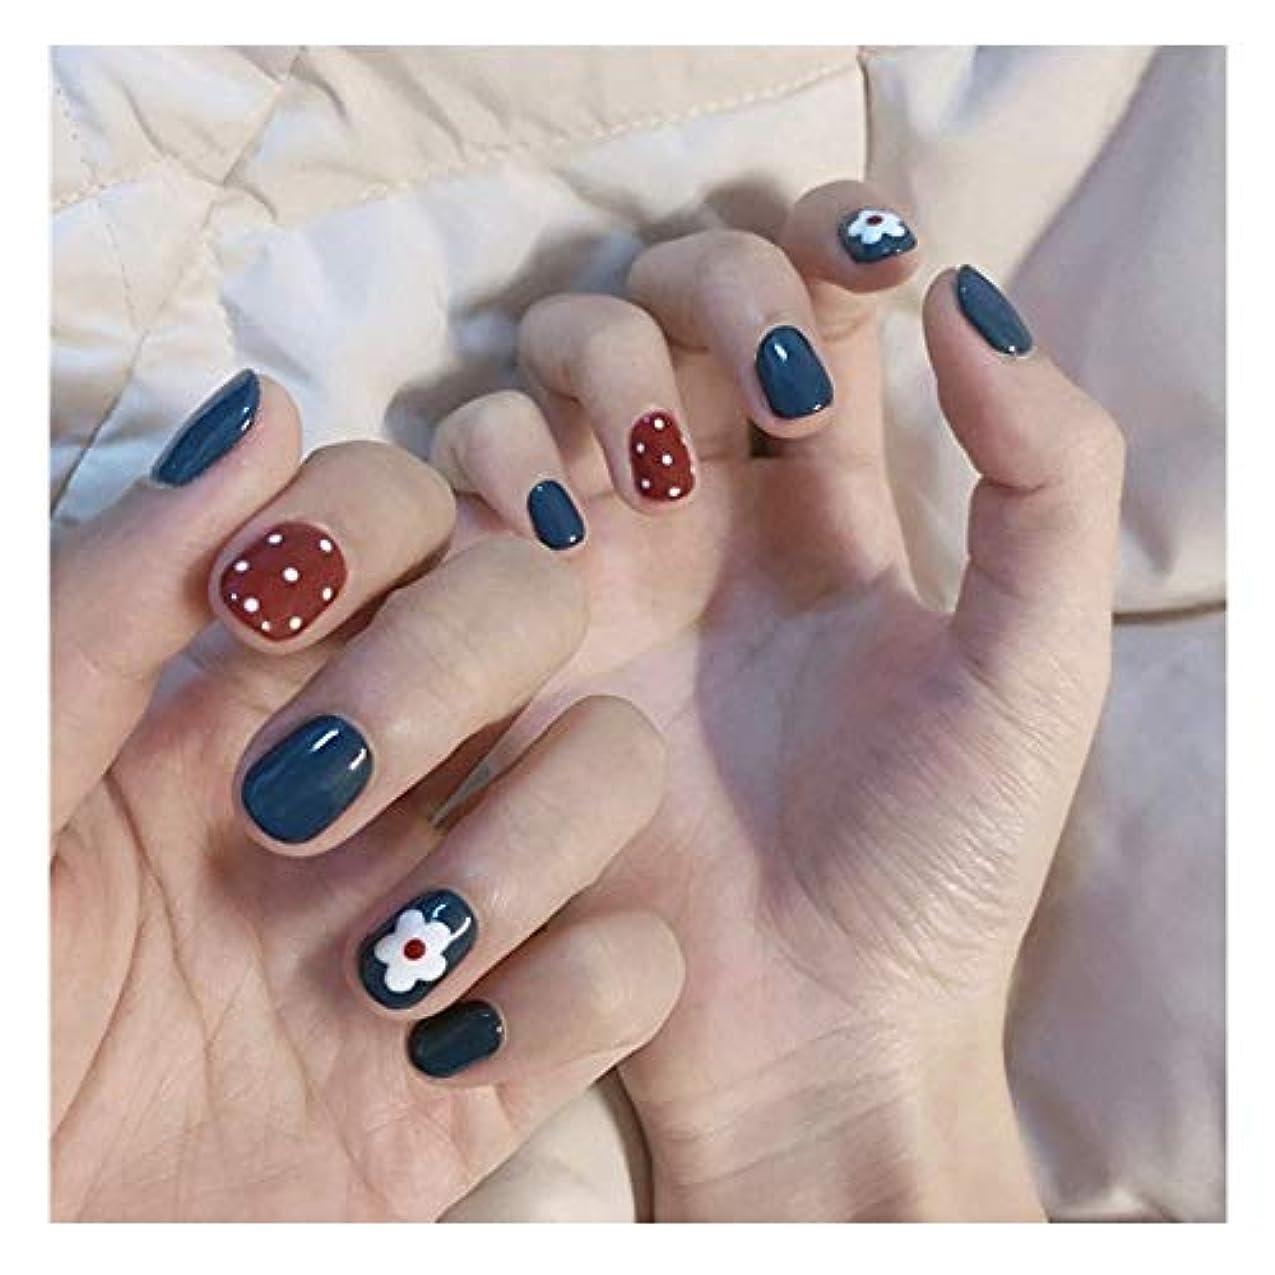 本フレキシブルひもHOHYLLYA 明るい顔青+赤小の花偽の釘ショートネイルズのり完成ネイル偽の釘 (色 : 24 pieces)